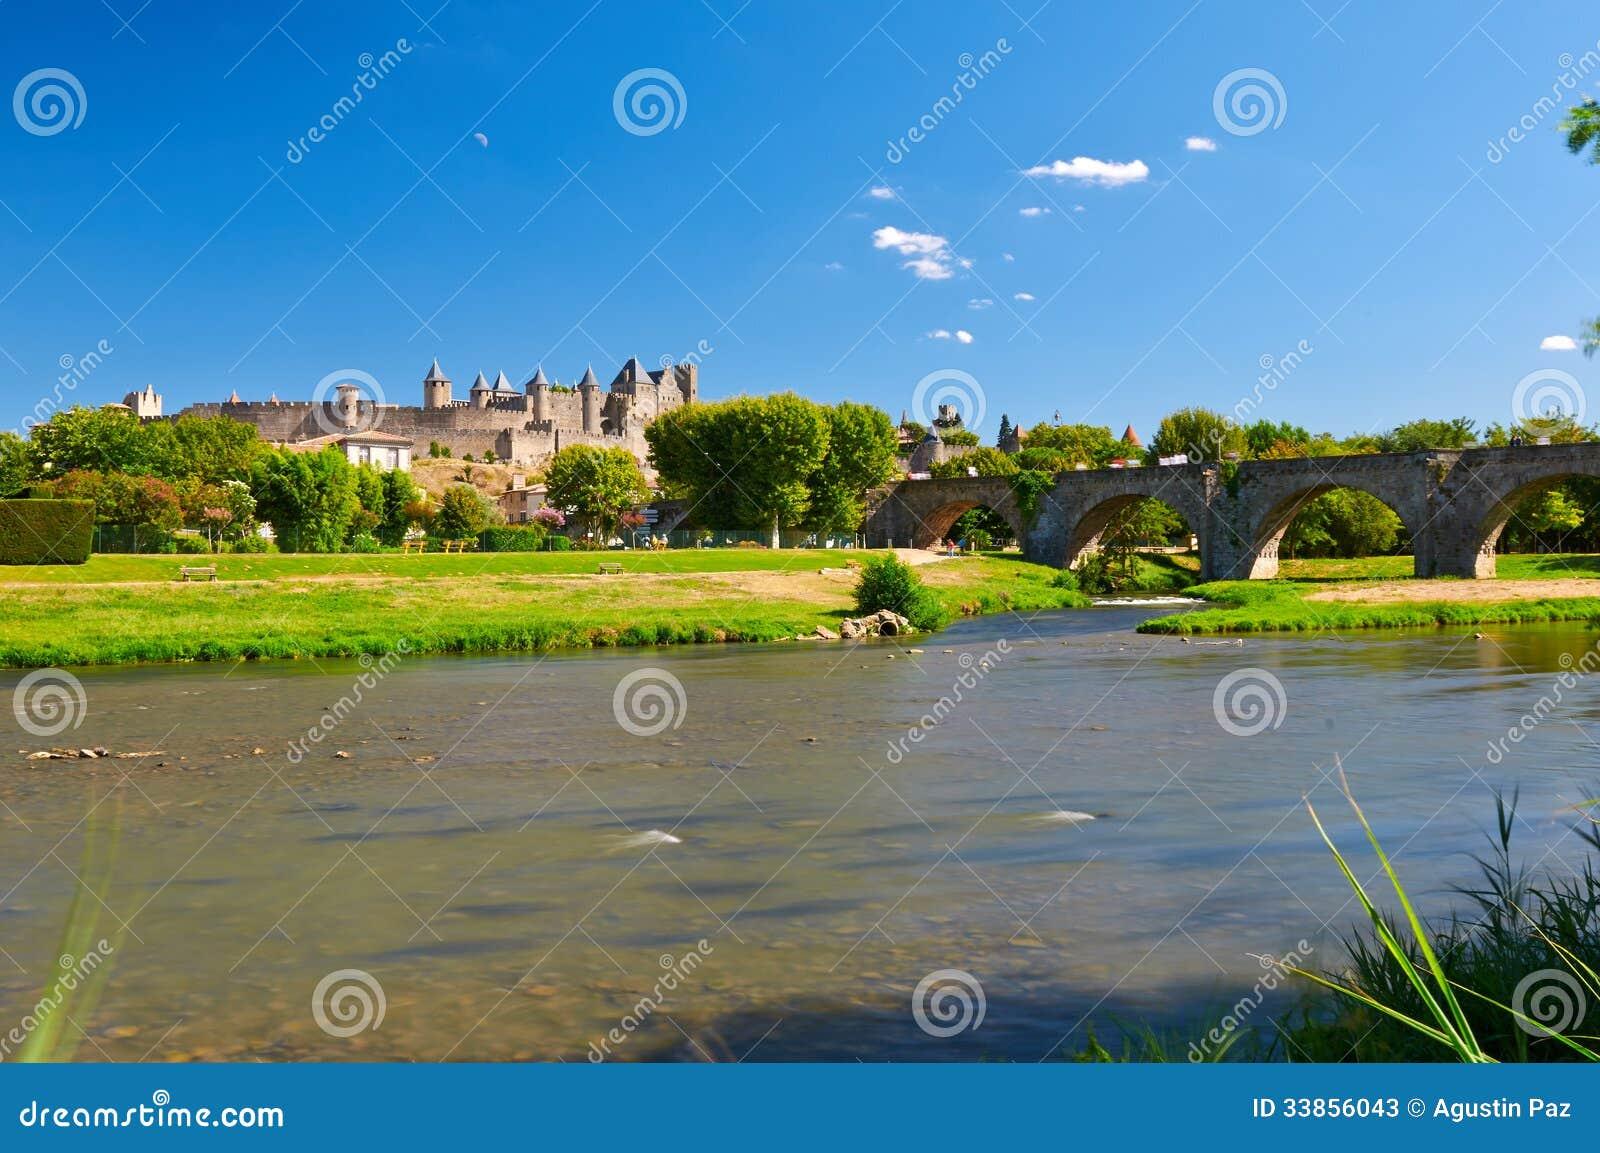 Das alte Citte von Carcassonne in Frankreich